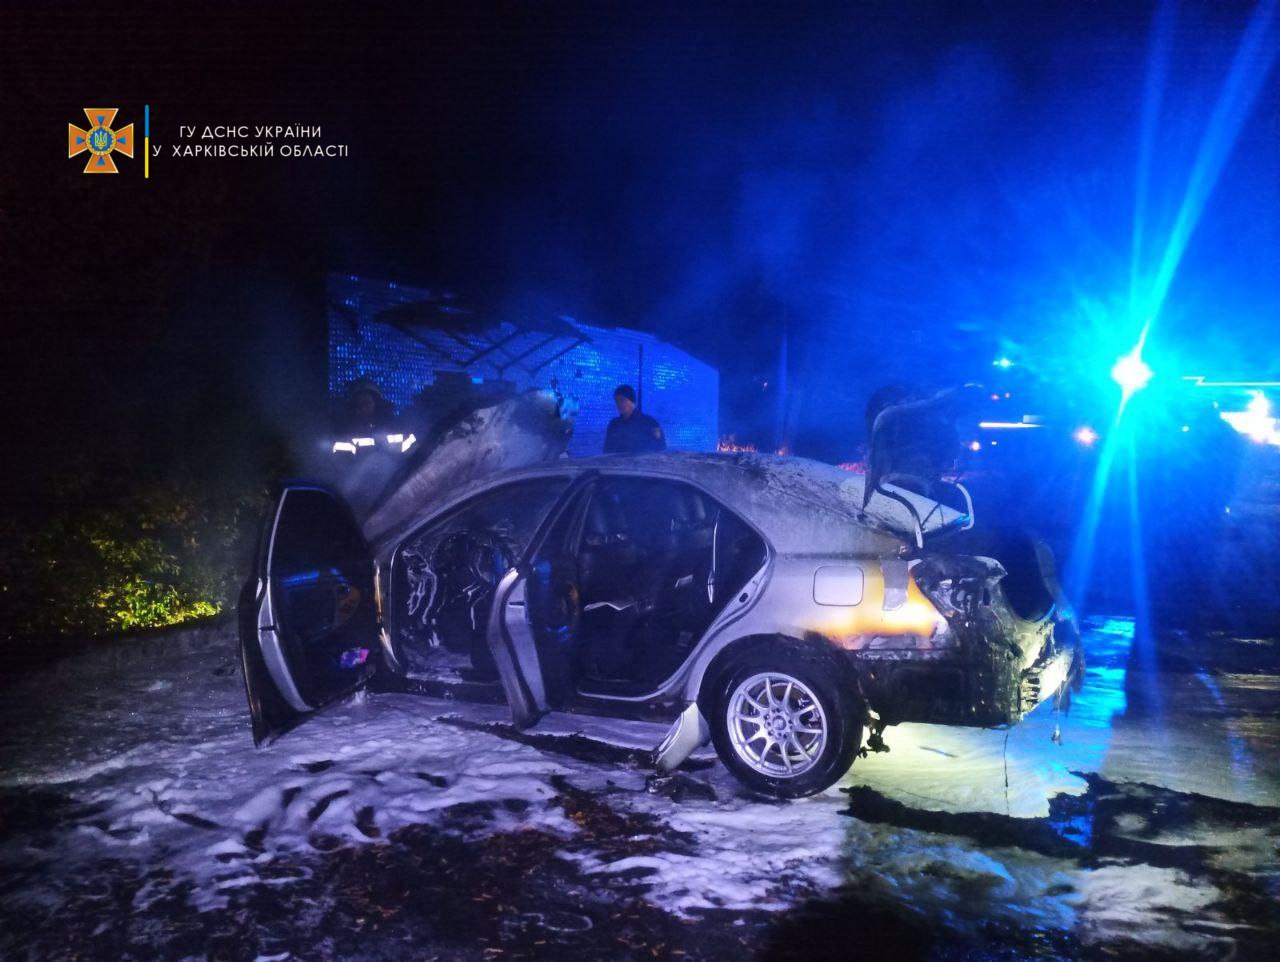 Пожар Харьков: Автомобиль Toyota Camry сгорел на улице Бекетова